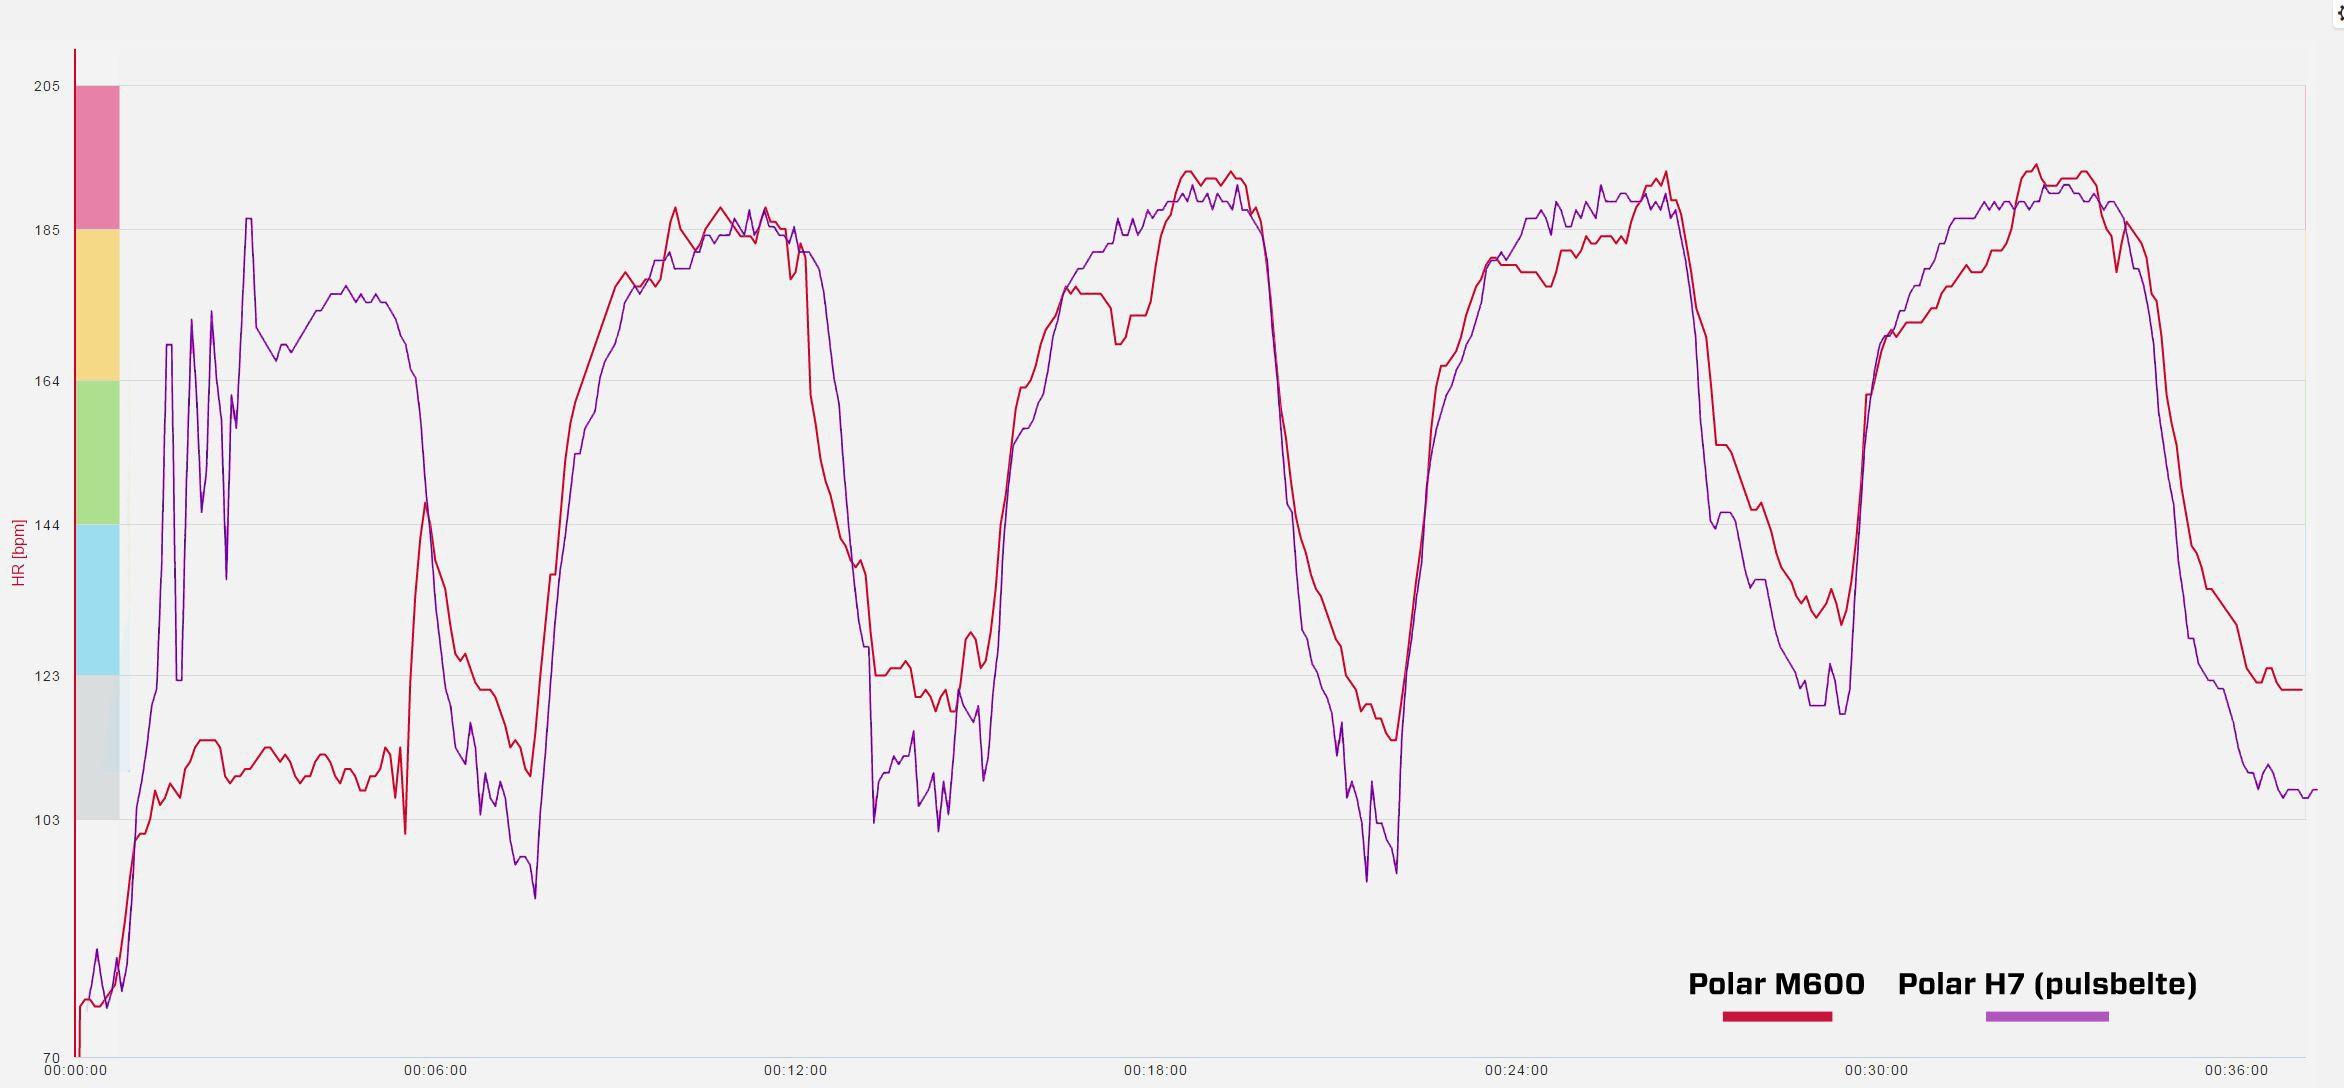 Polar M600 i rødt, pulsbeltemåling med Polar H7 i lilla. Legg merke til de oppadgående kurvene på hver intervall.